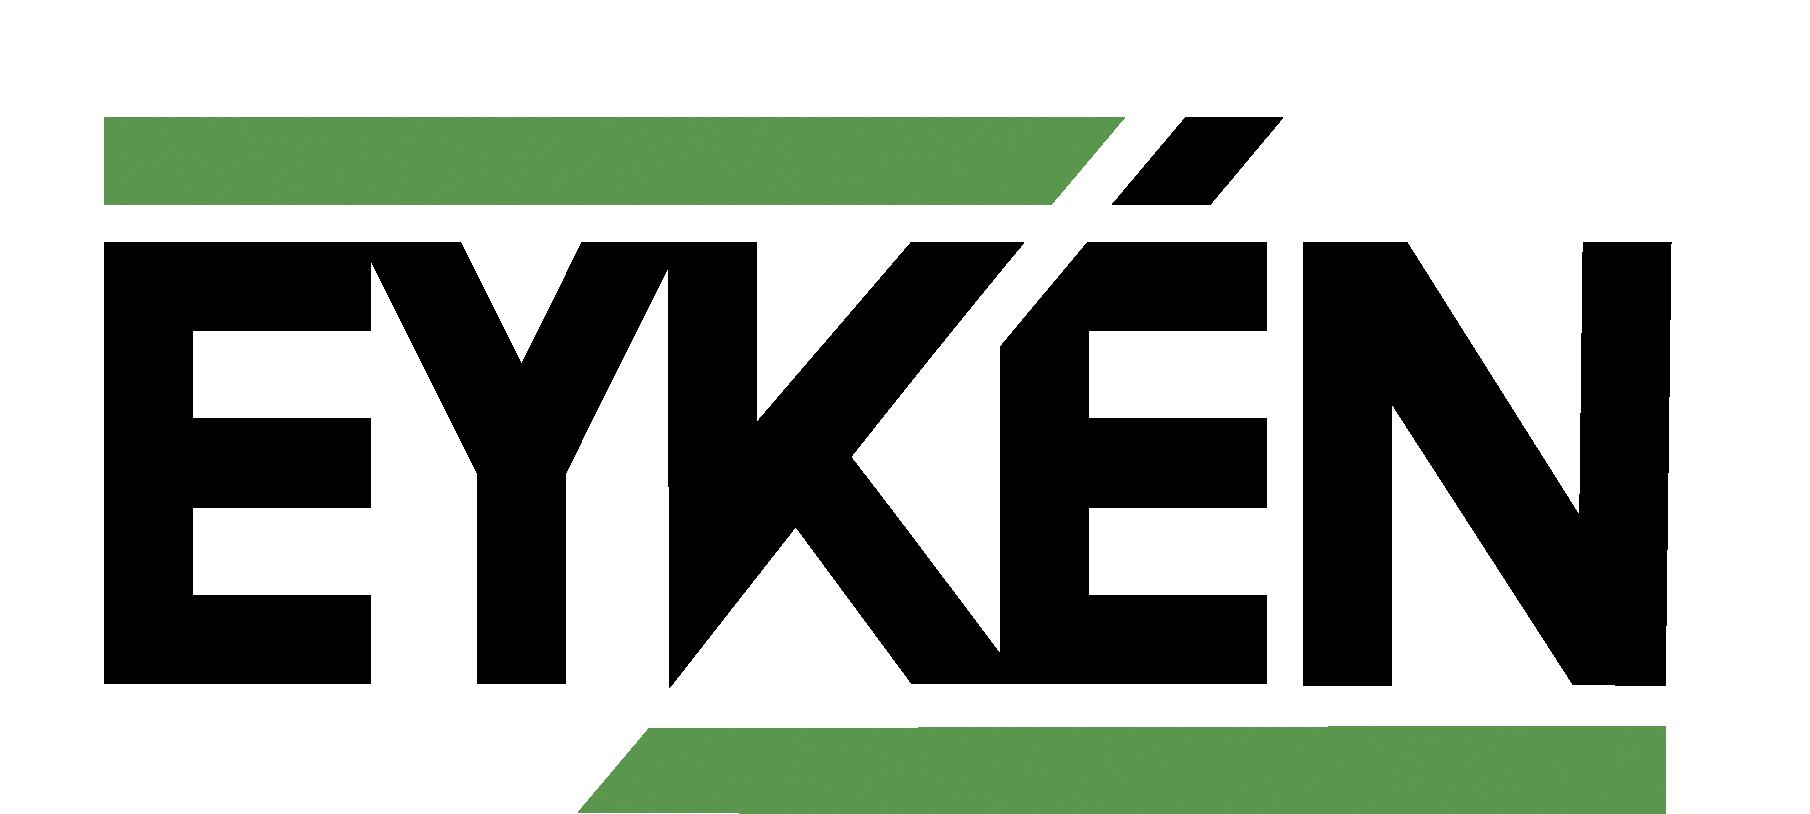 Logo de sitio web eyken.com.ar